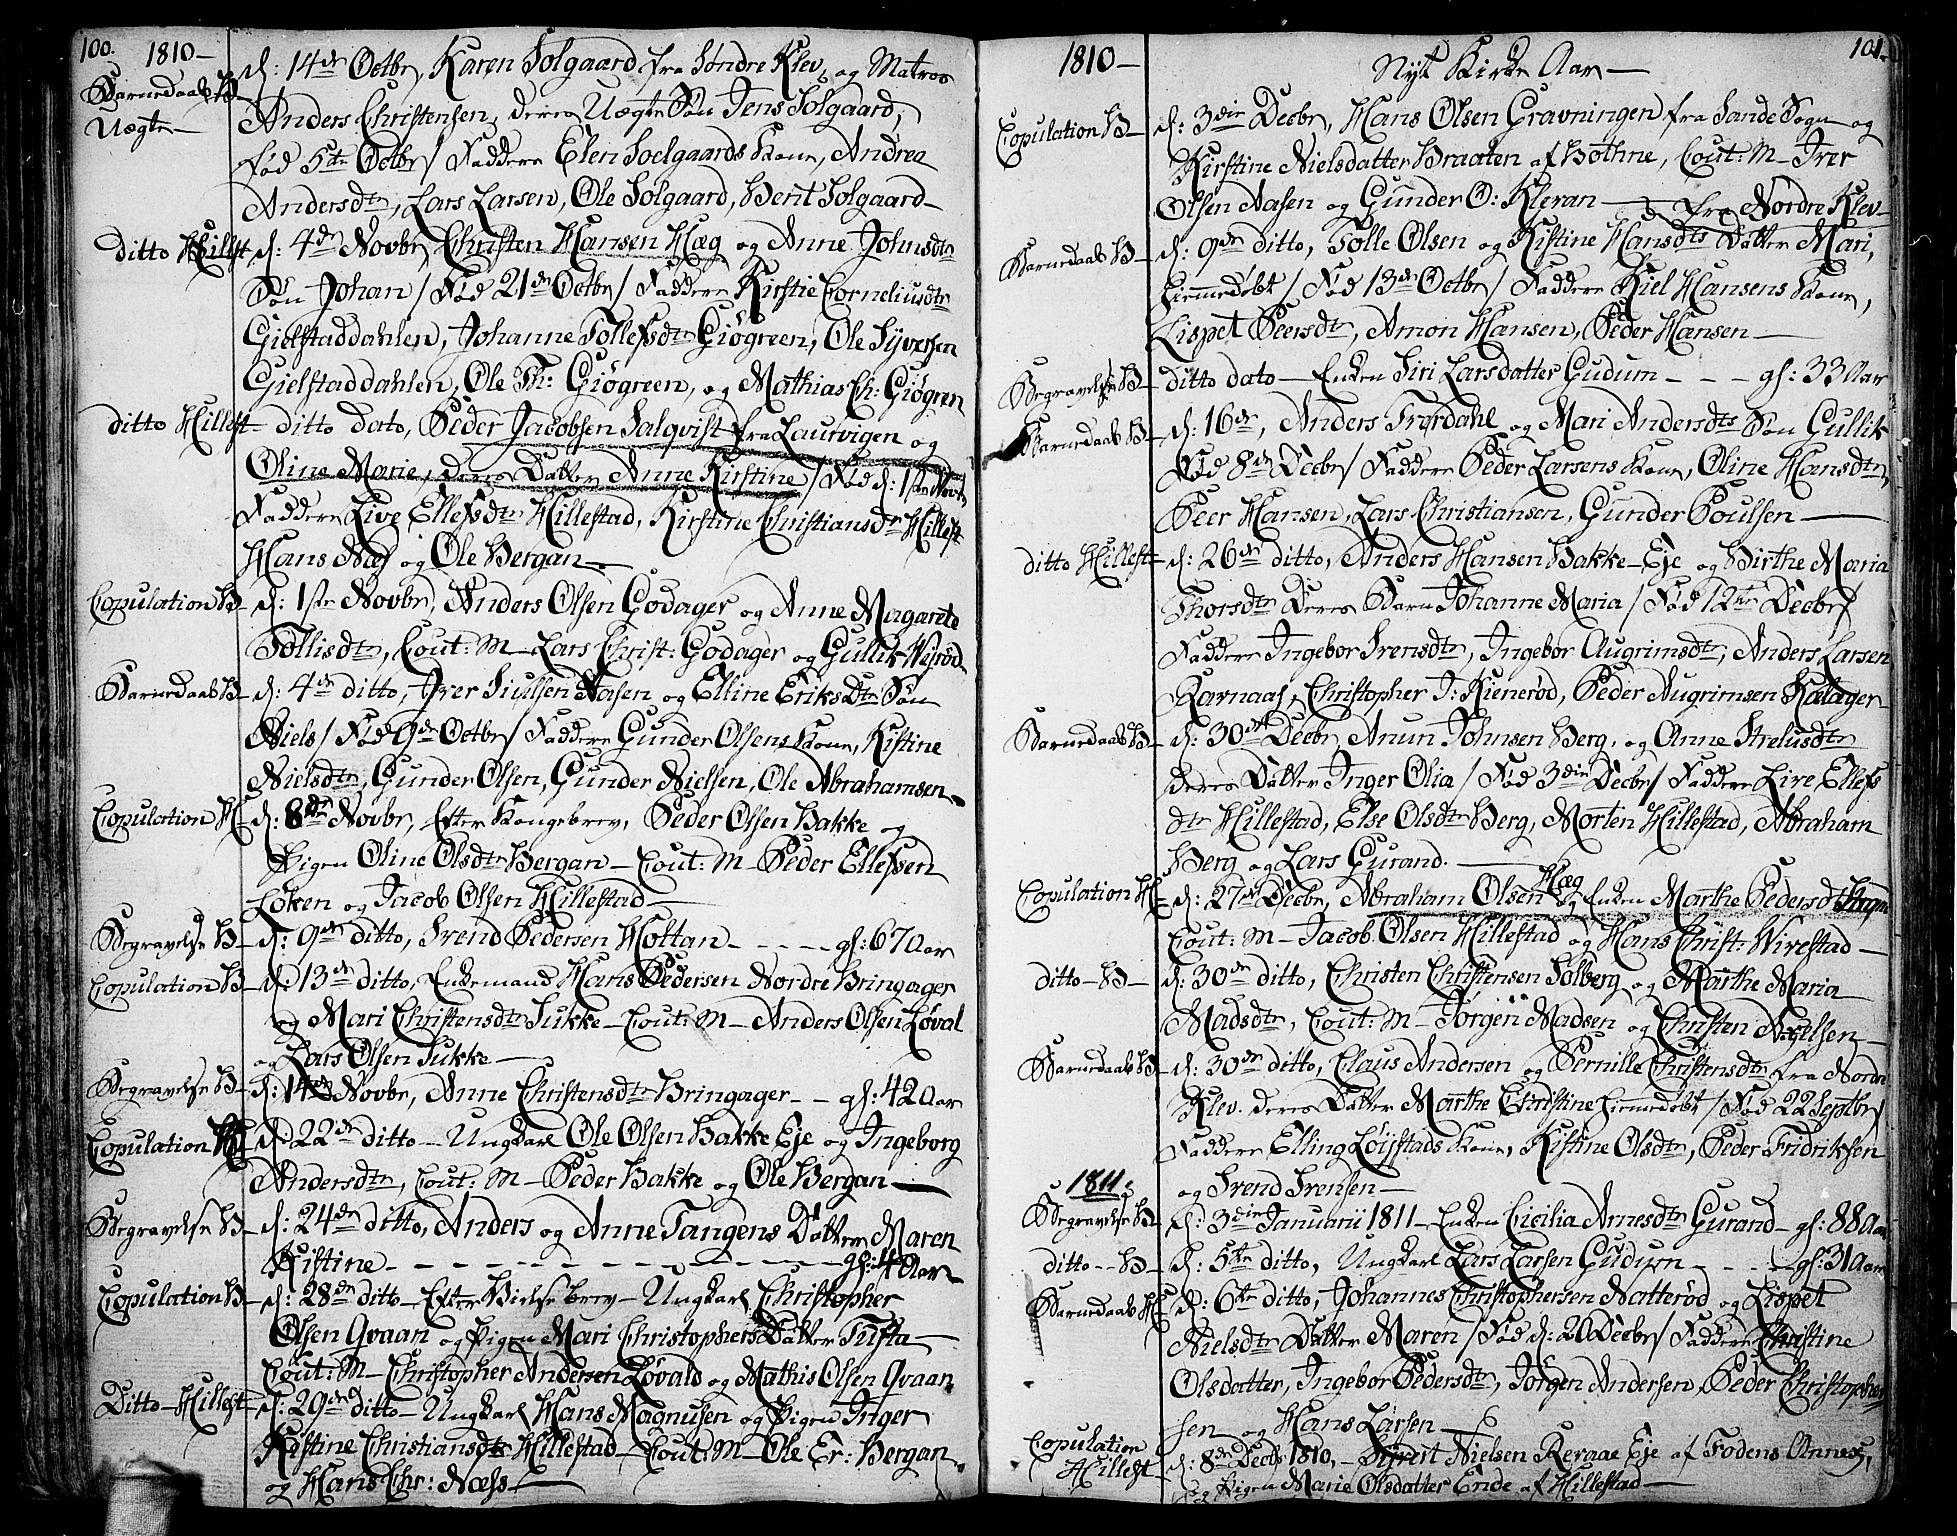 SAKO, Botne kirkebøker, F/Fa/L0003: Ministerialbok nr. I 3 /1, 1792-1844, s. 100-101